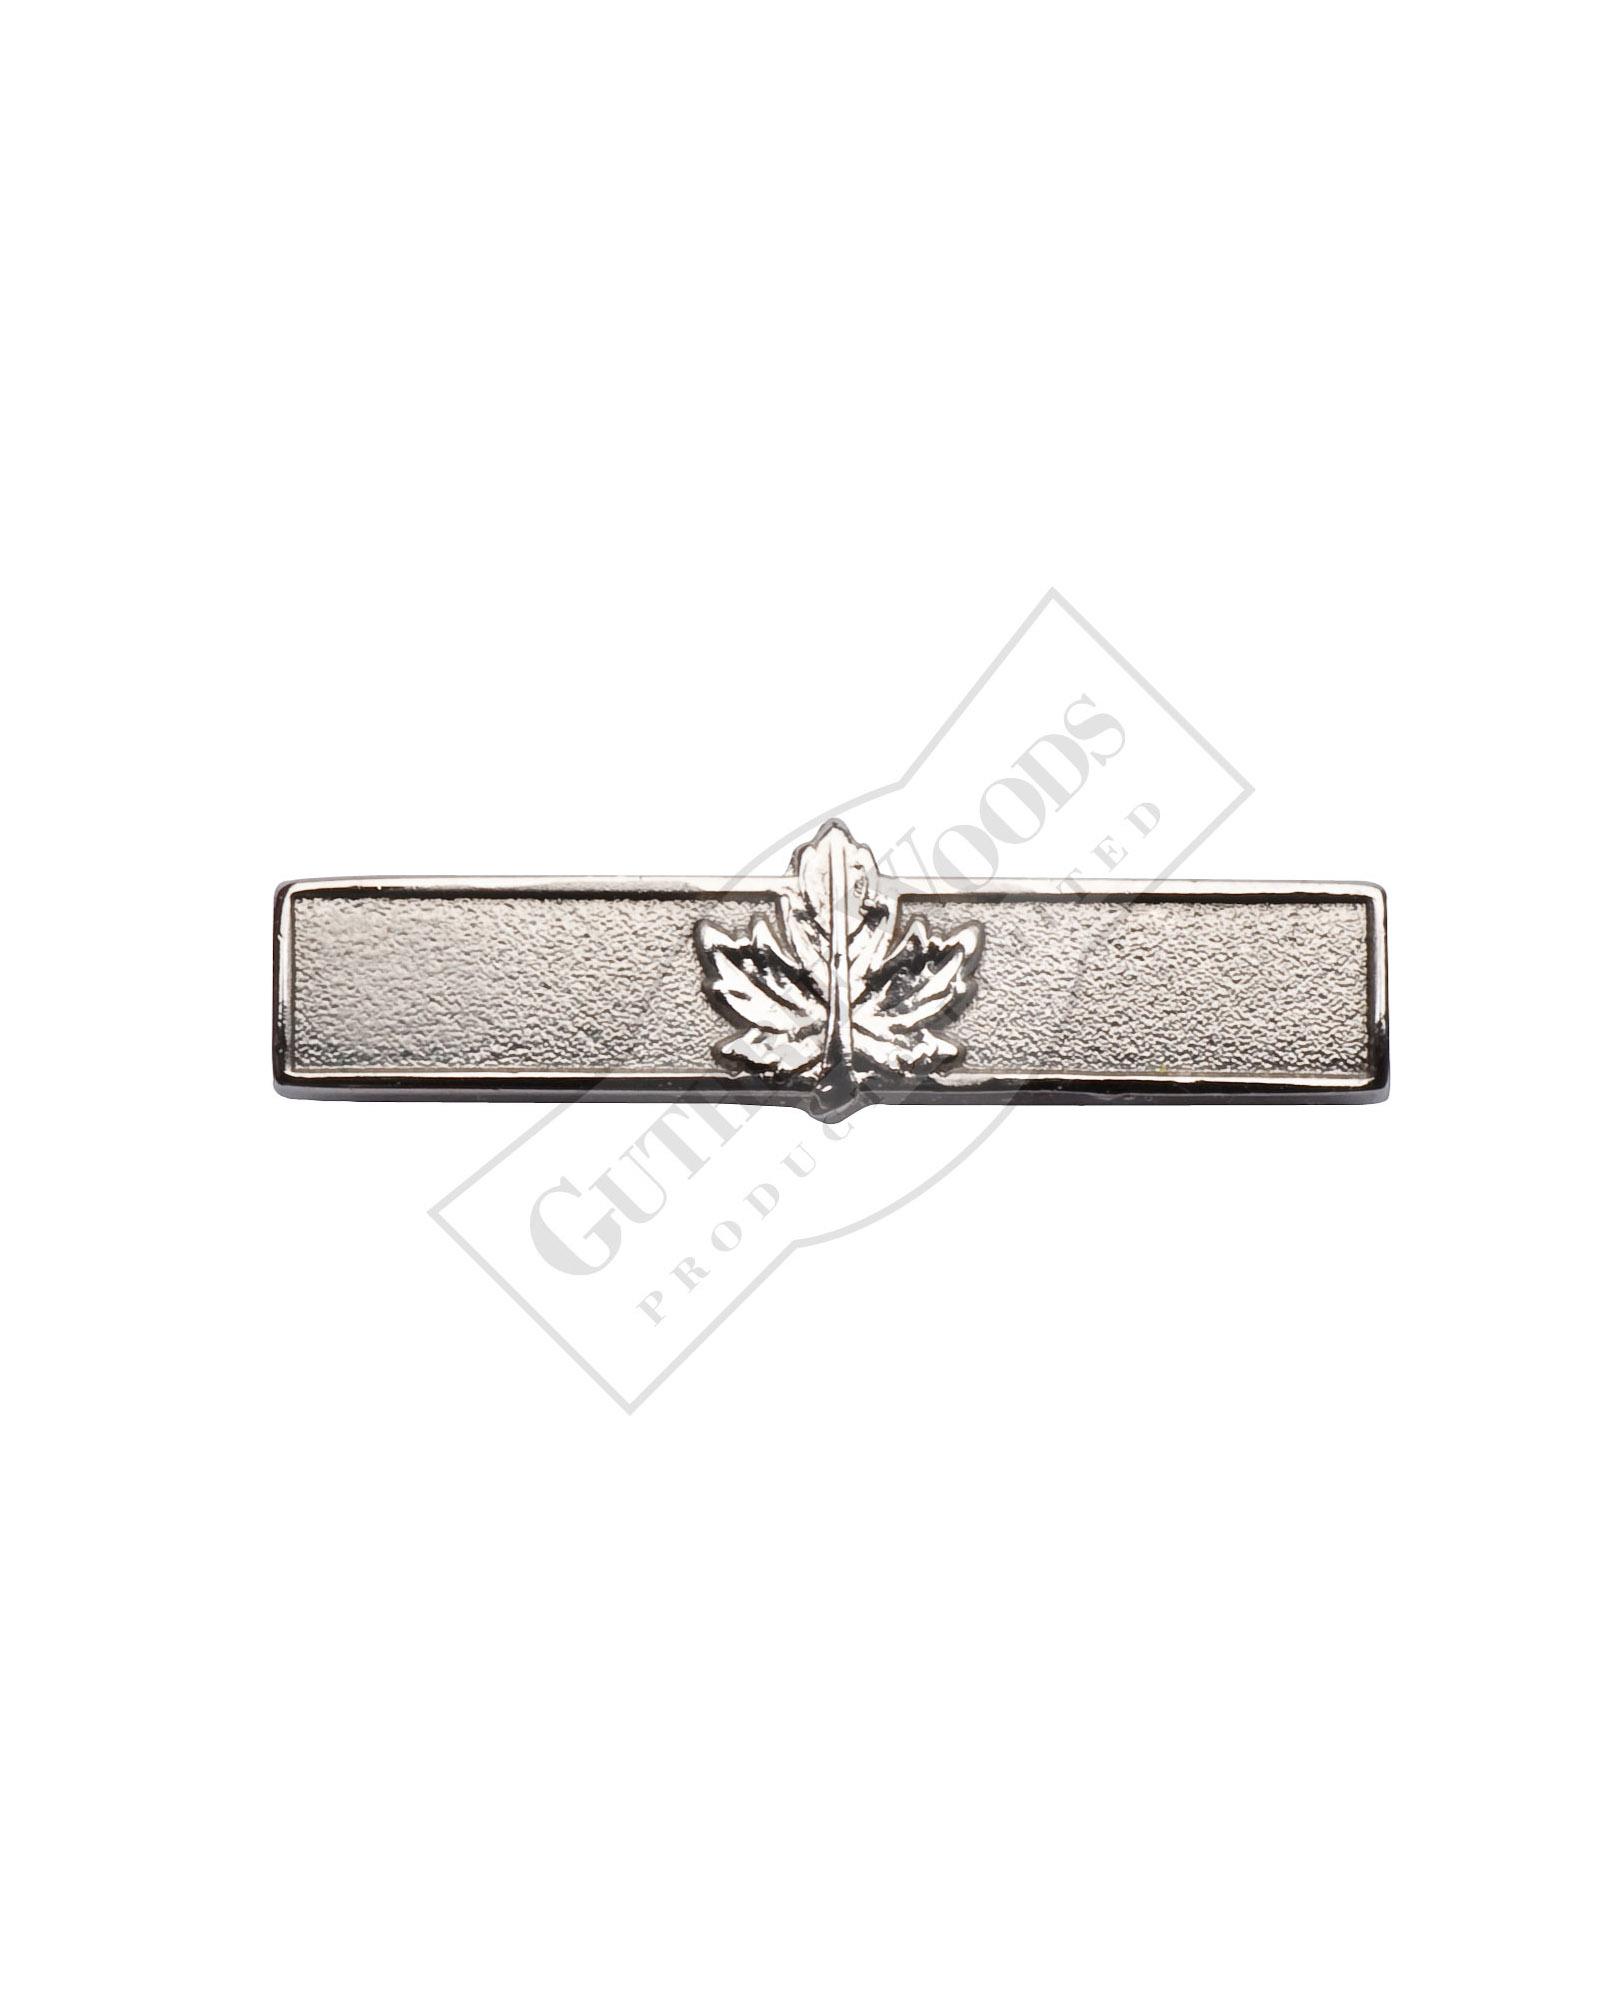 Rotation Bar, Single Leaf, Silver #245-S